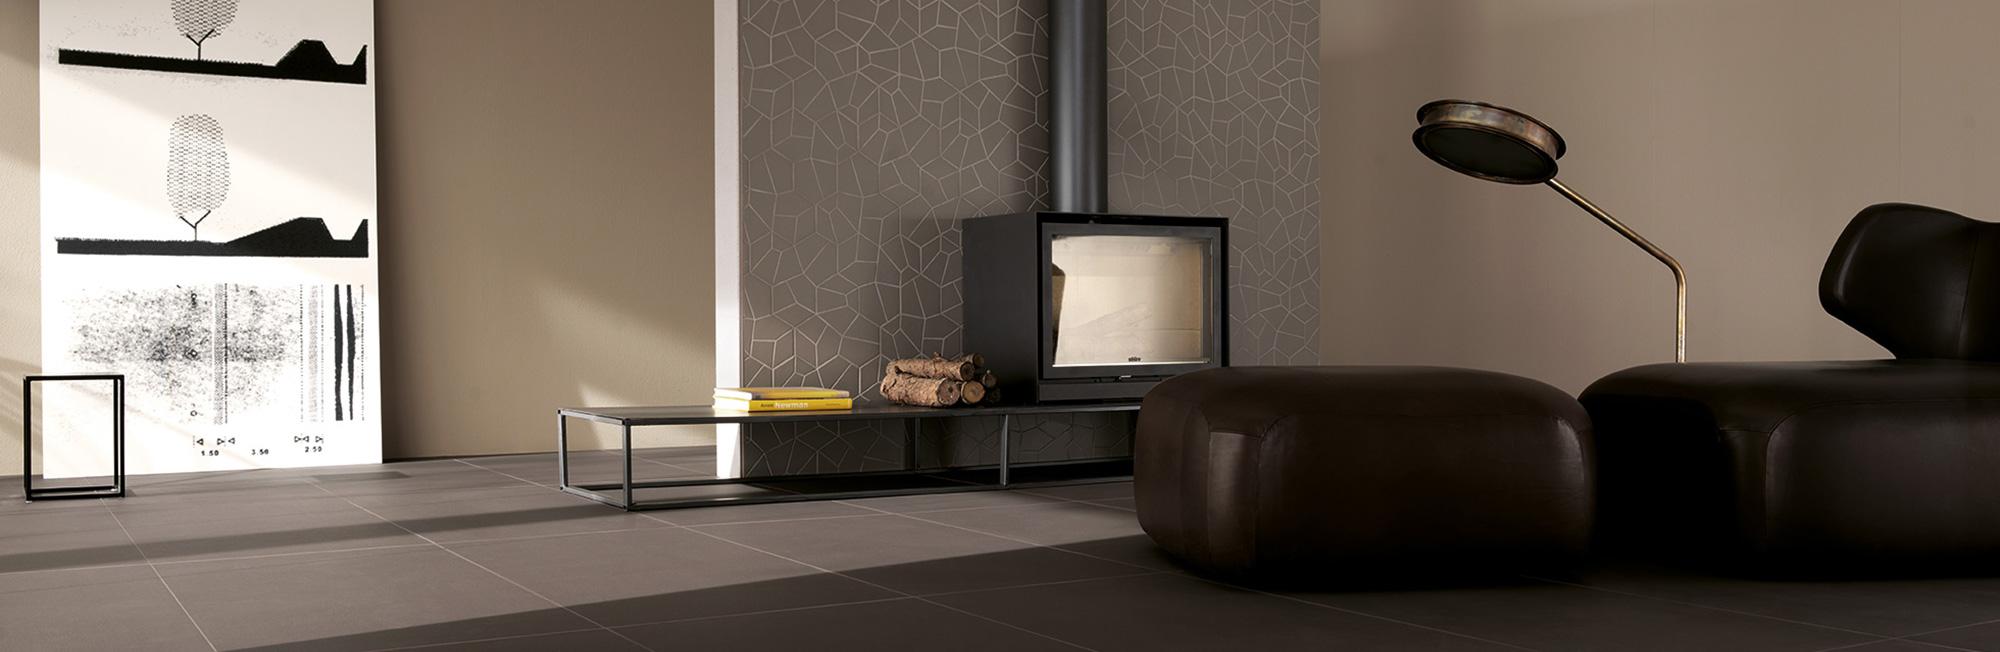 carrelage et salle de bains suresnes paris casa calvi. Black Bedroom Furniture Sets. Home Design Ideas